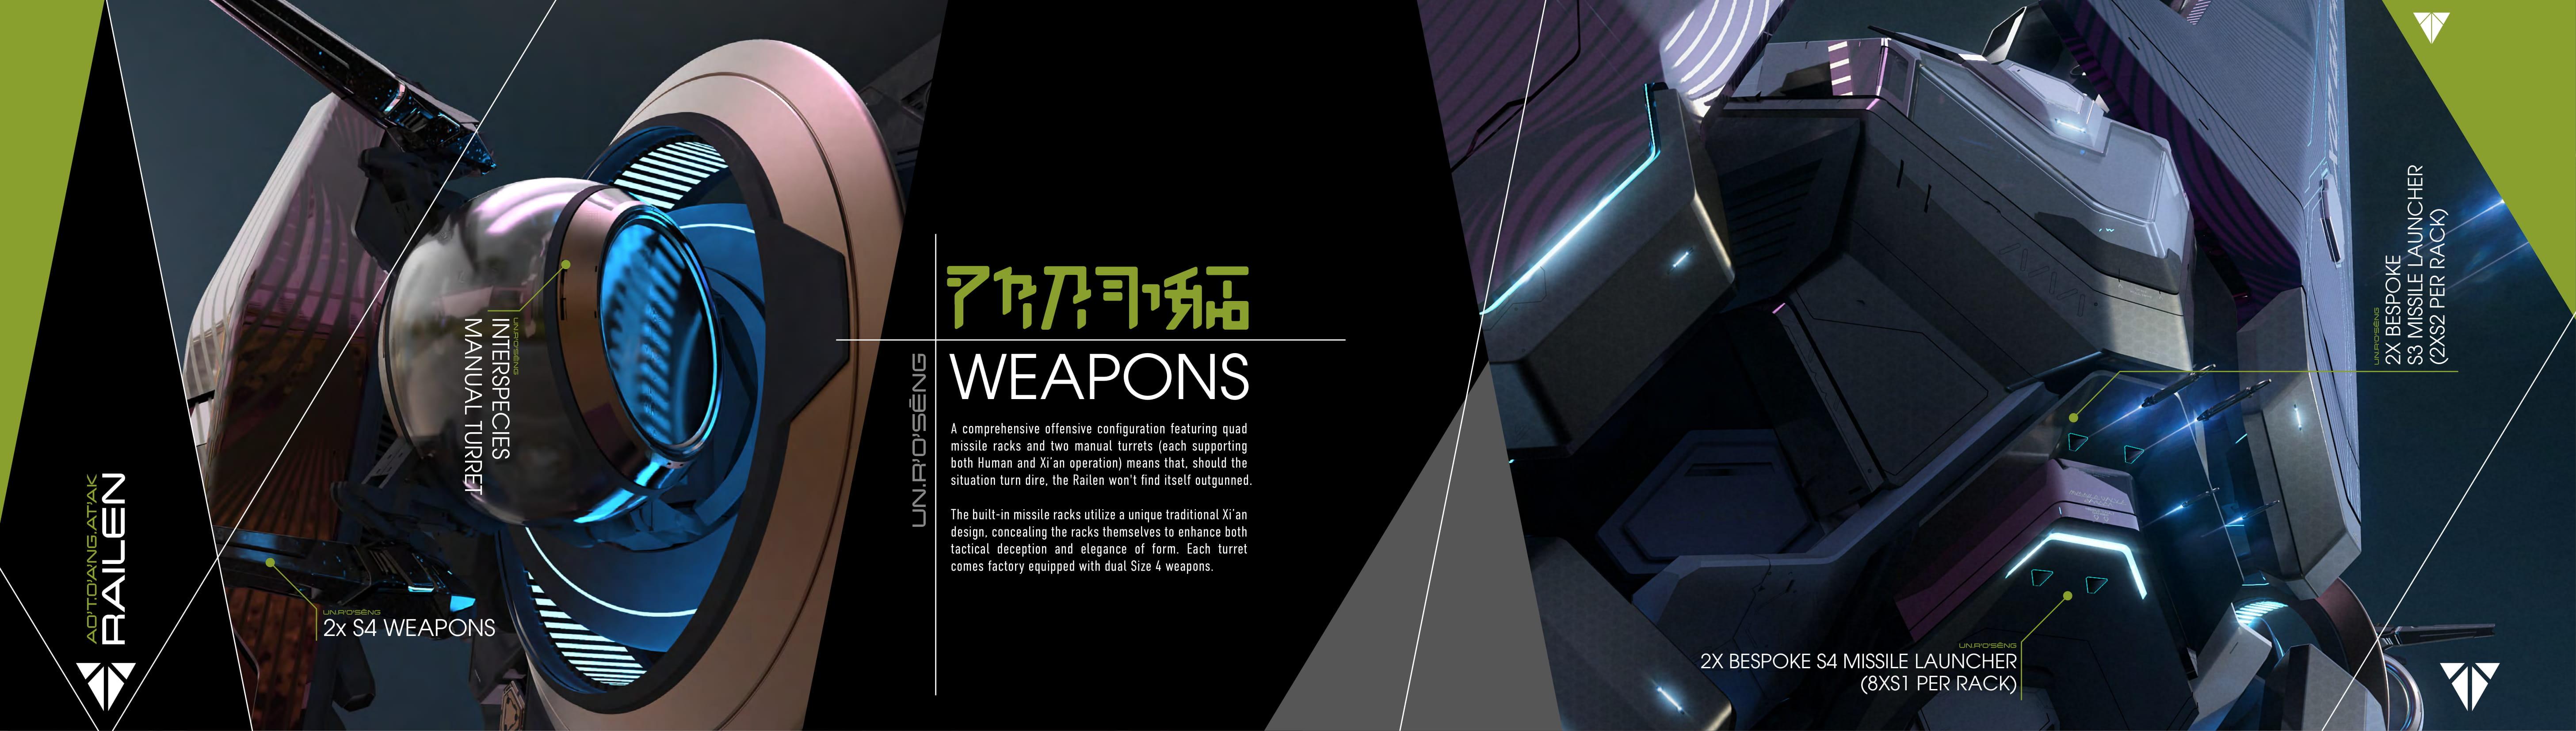 Xian_cargo_brochure-10